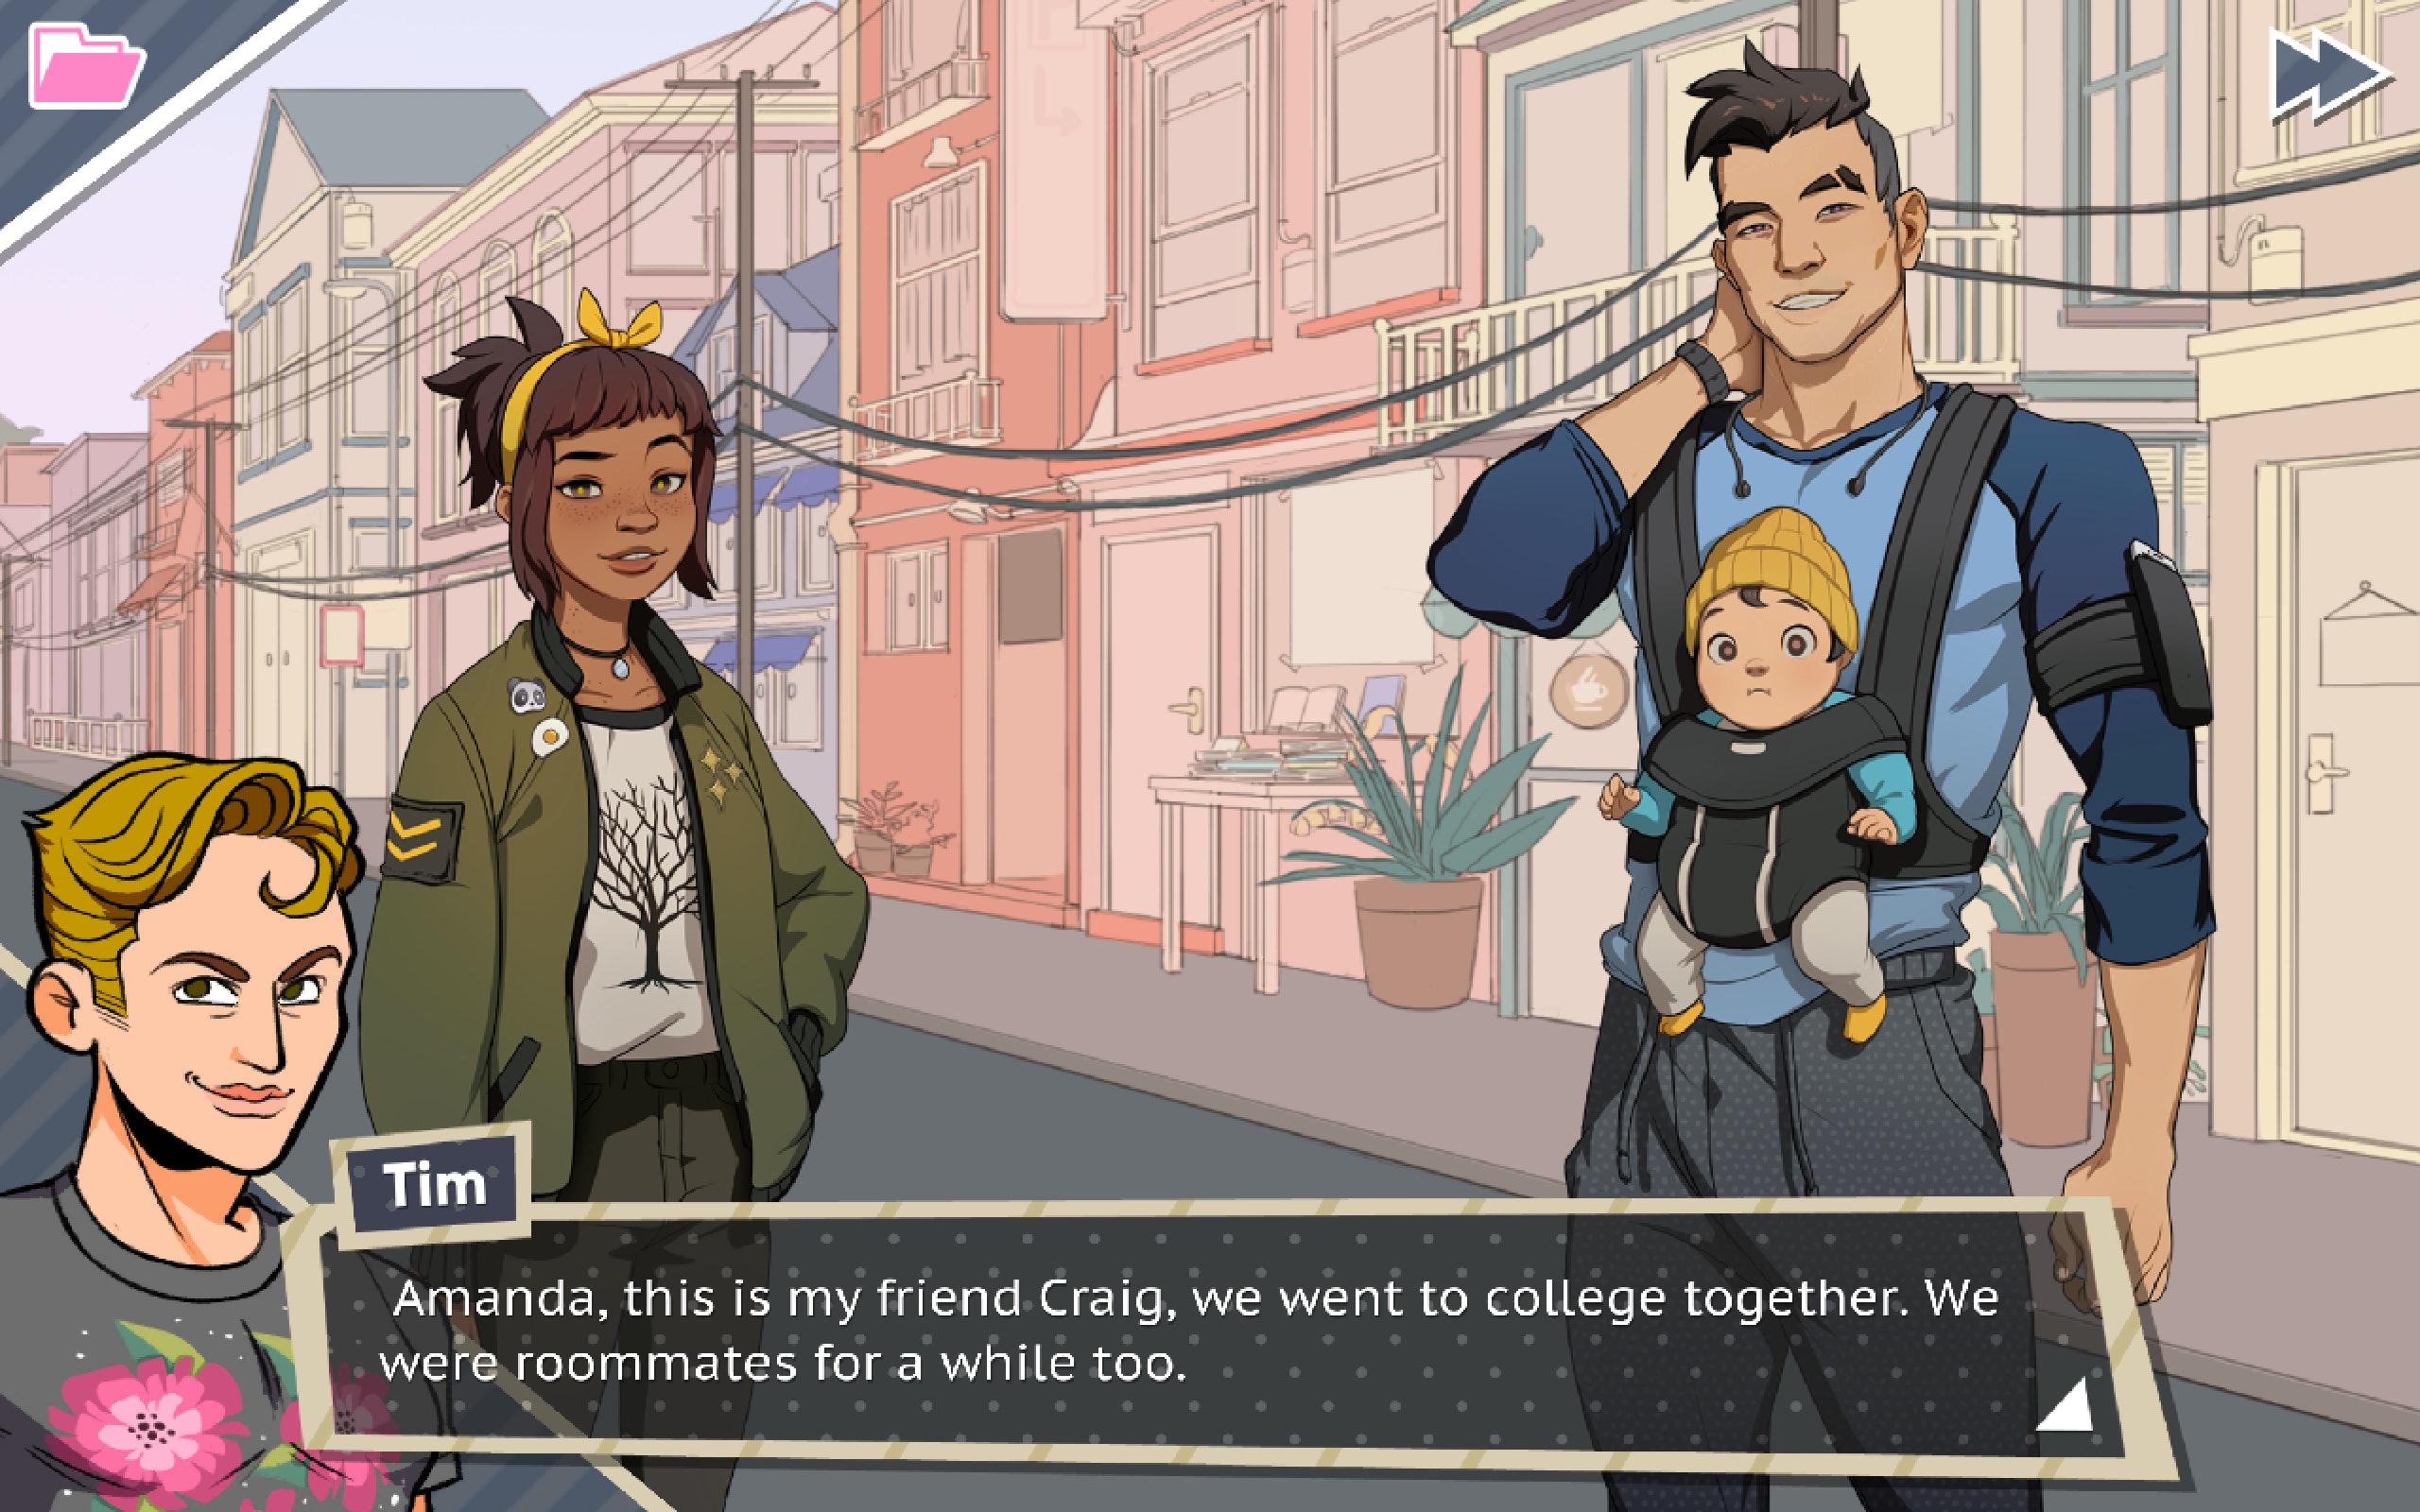 Amanda Dream Daddy dream daddy': this gay dad dating simulator sounds like a